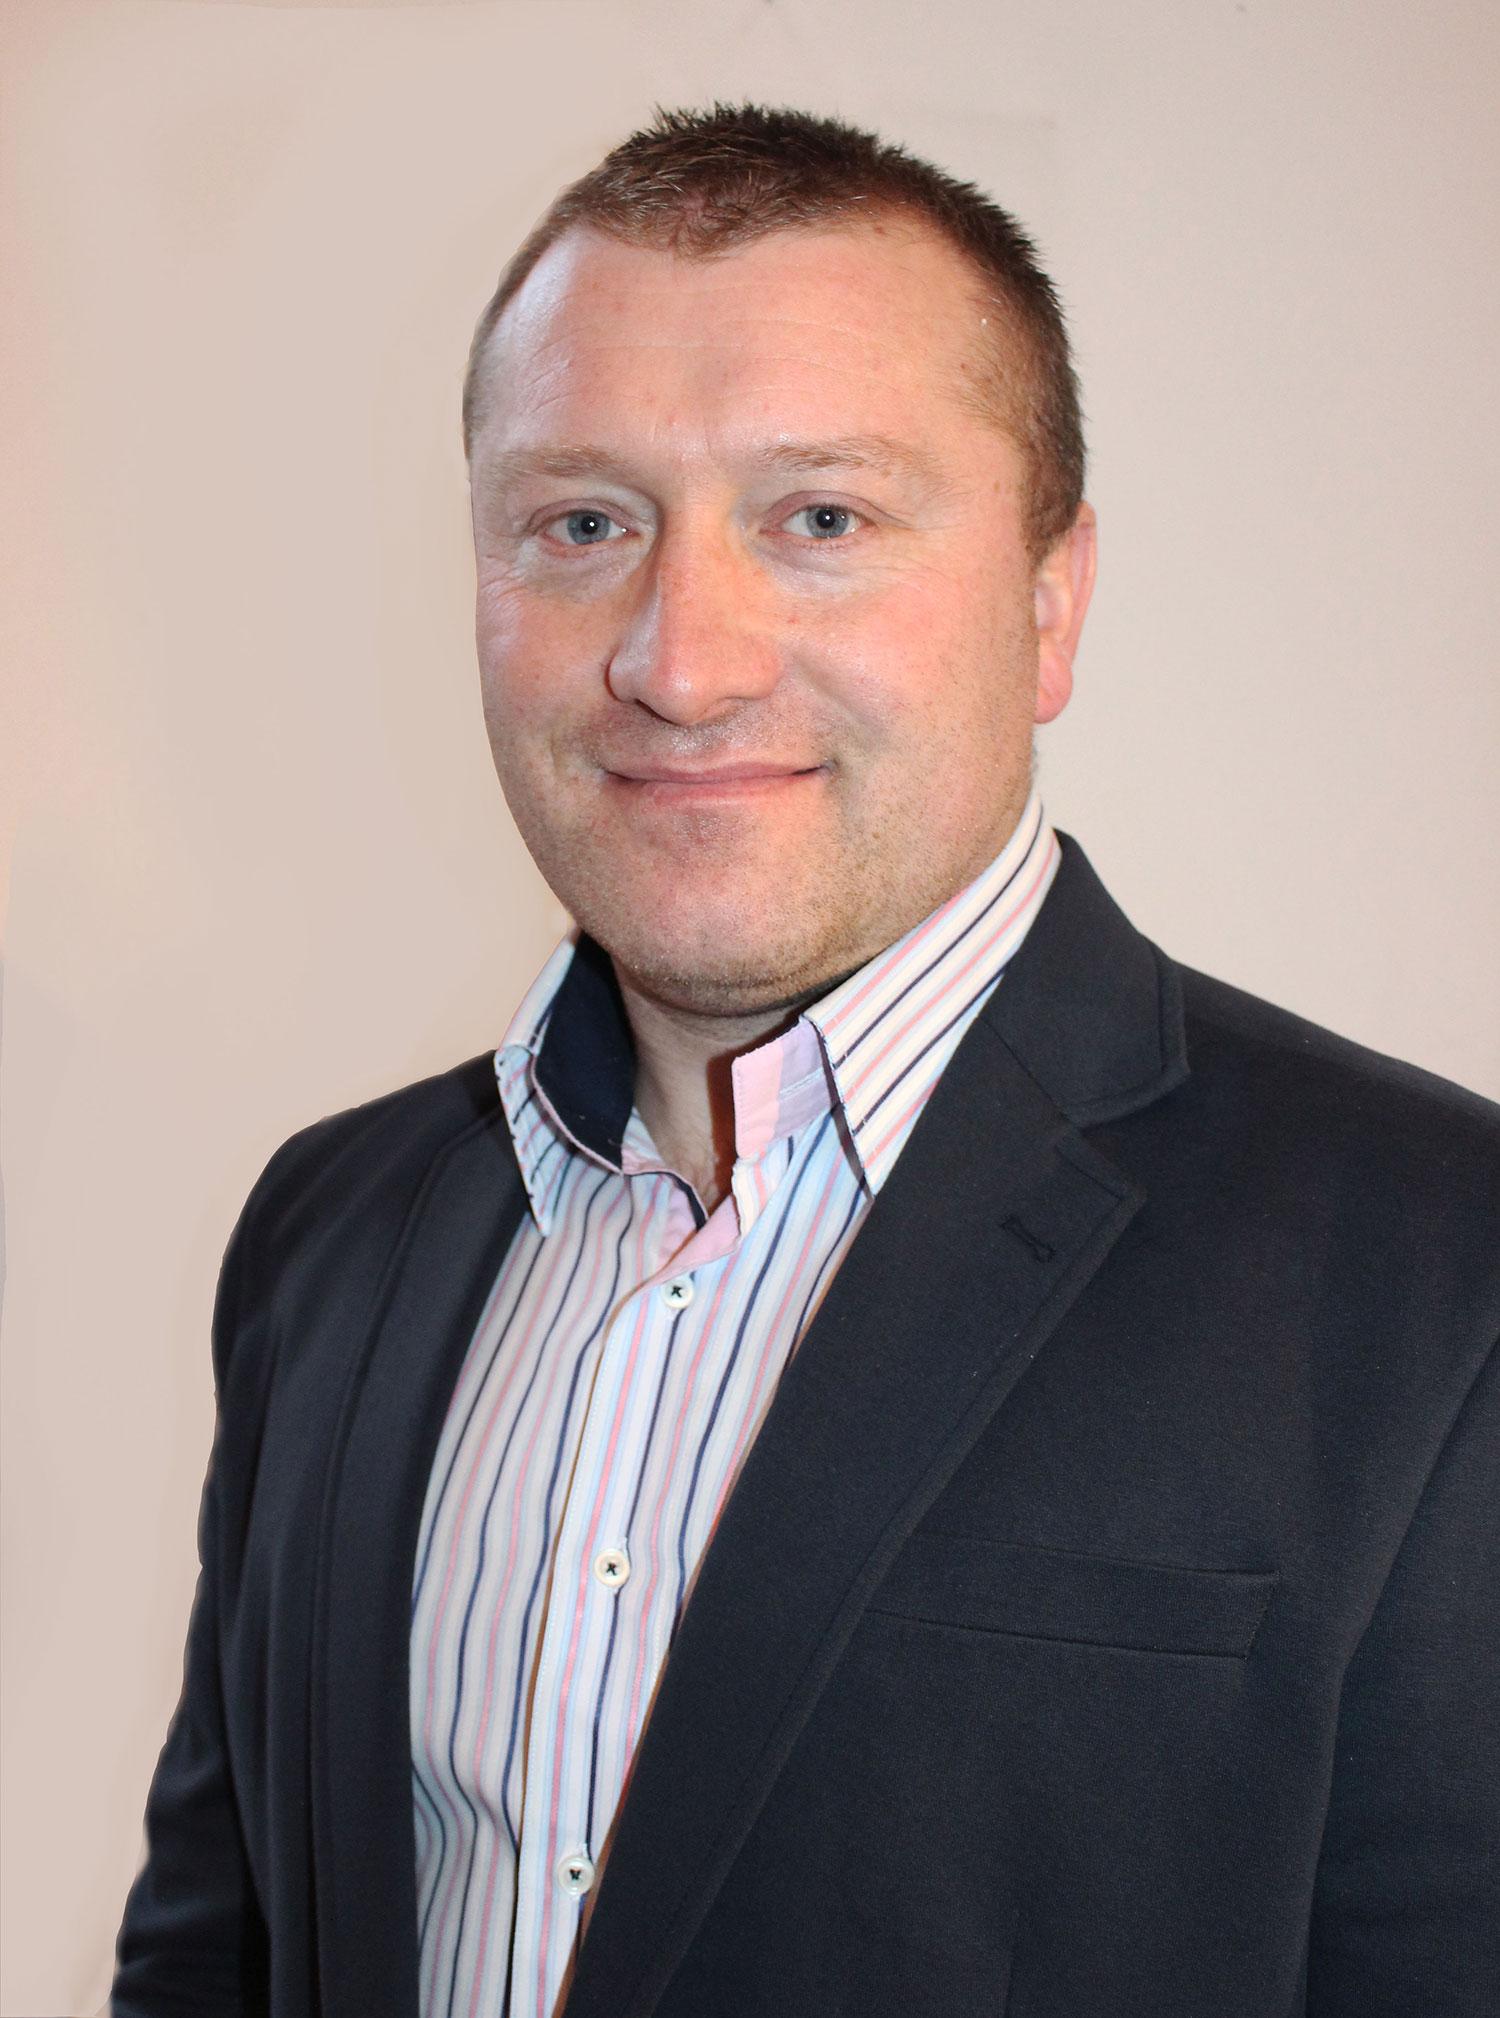 Instruktor OSK Jantar Jarosław